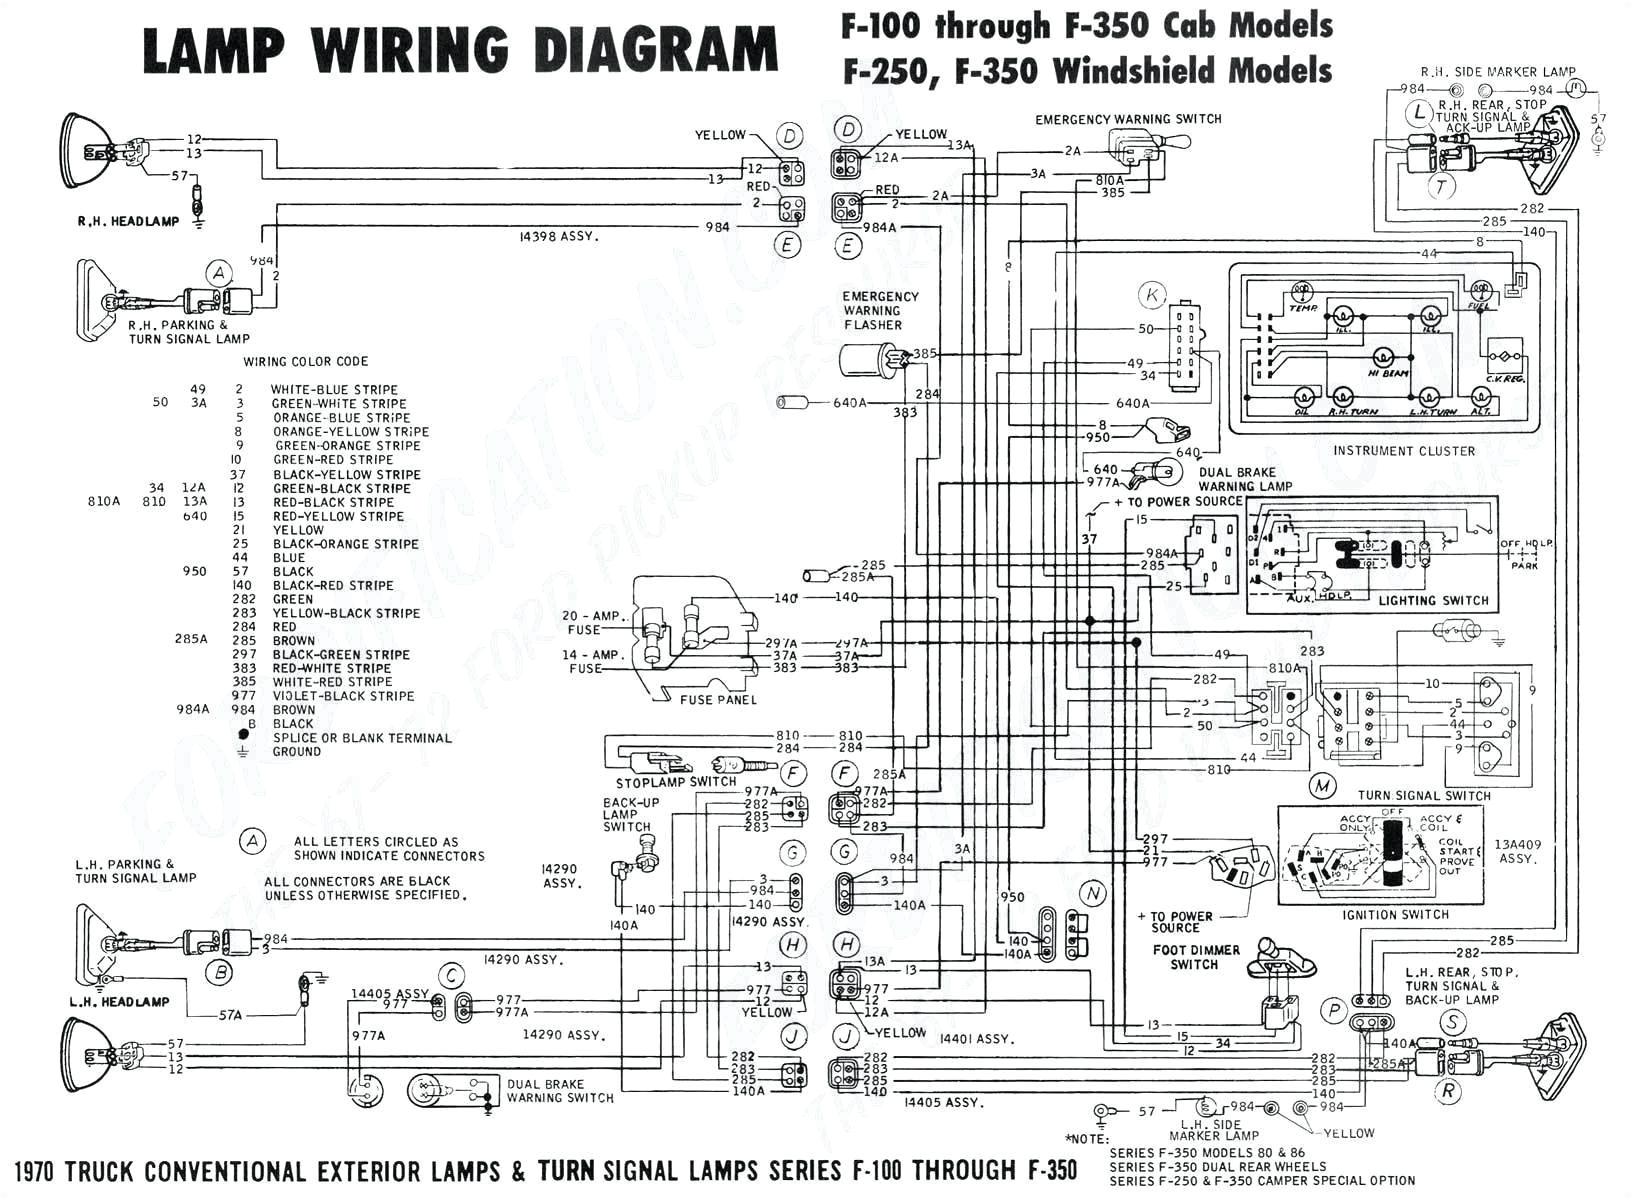 nimbus motorcycle wiring diagram wiring diagram show nimbus motorcycle wiring diagram